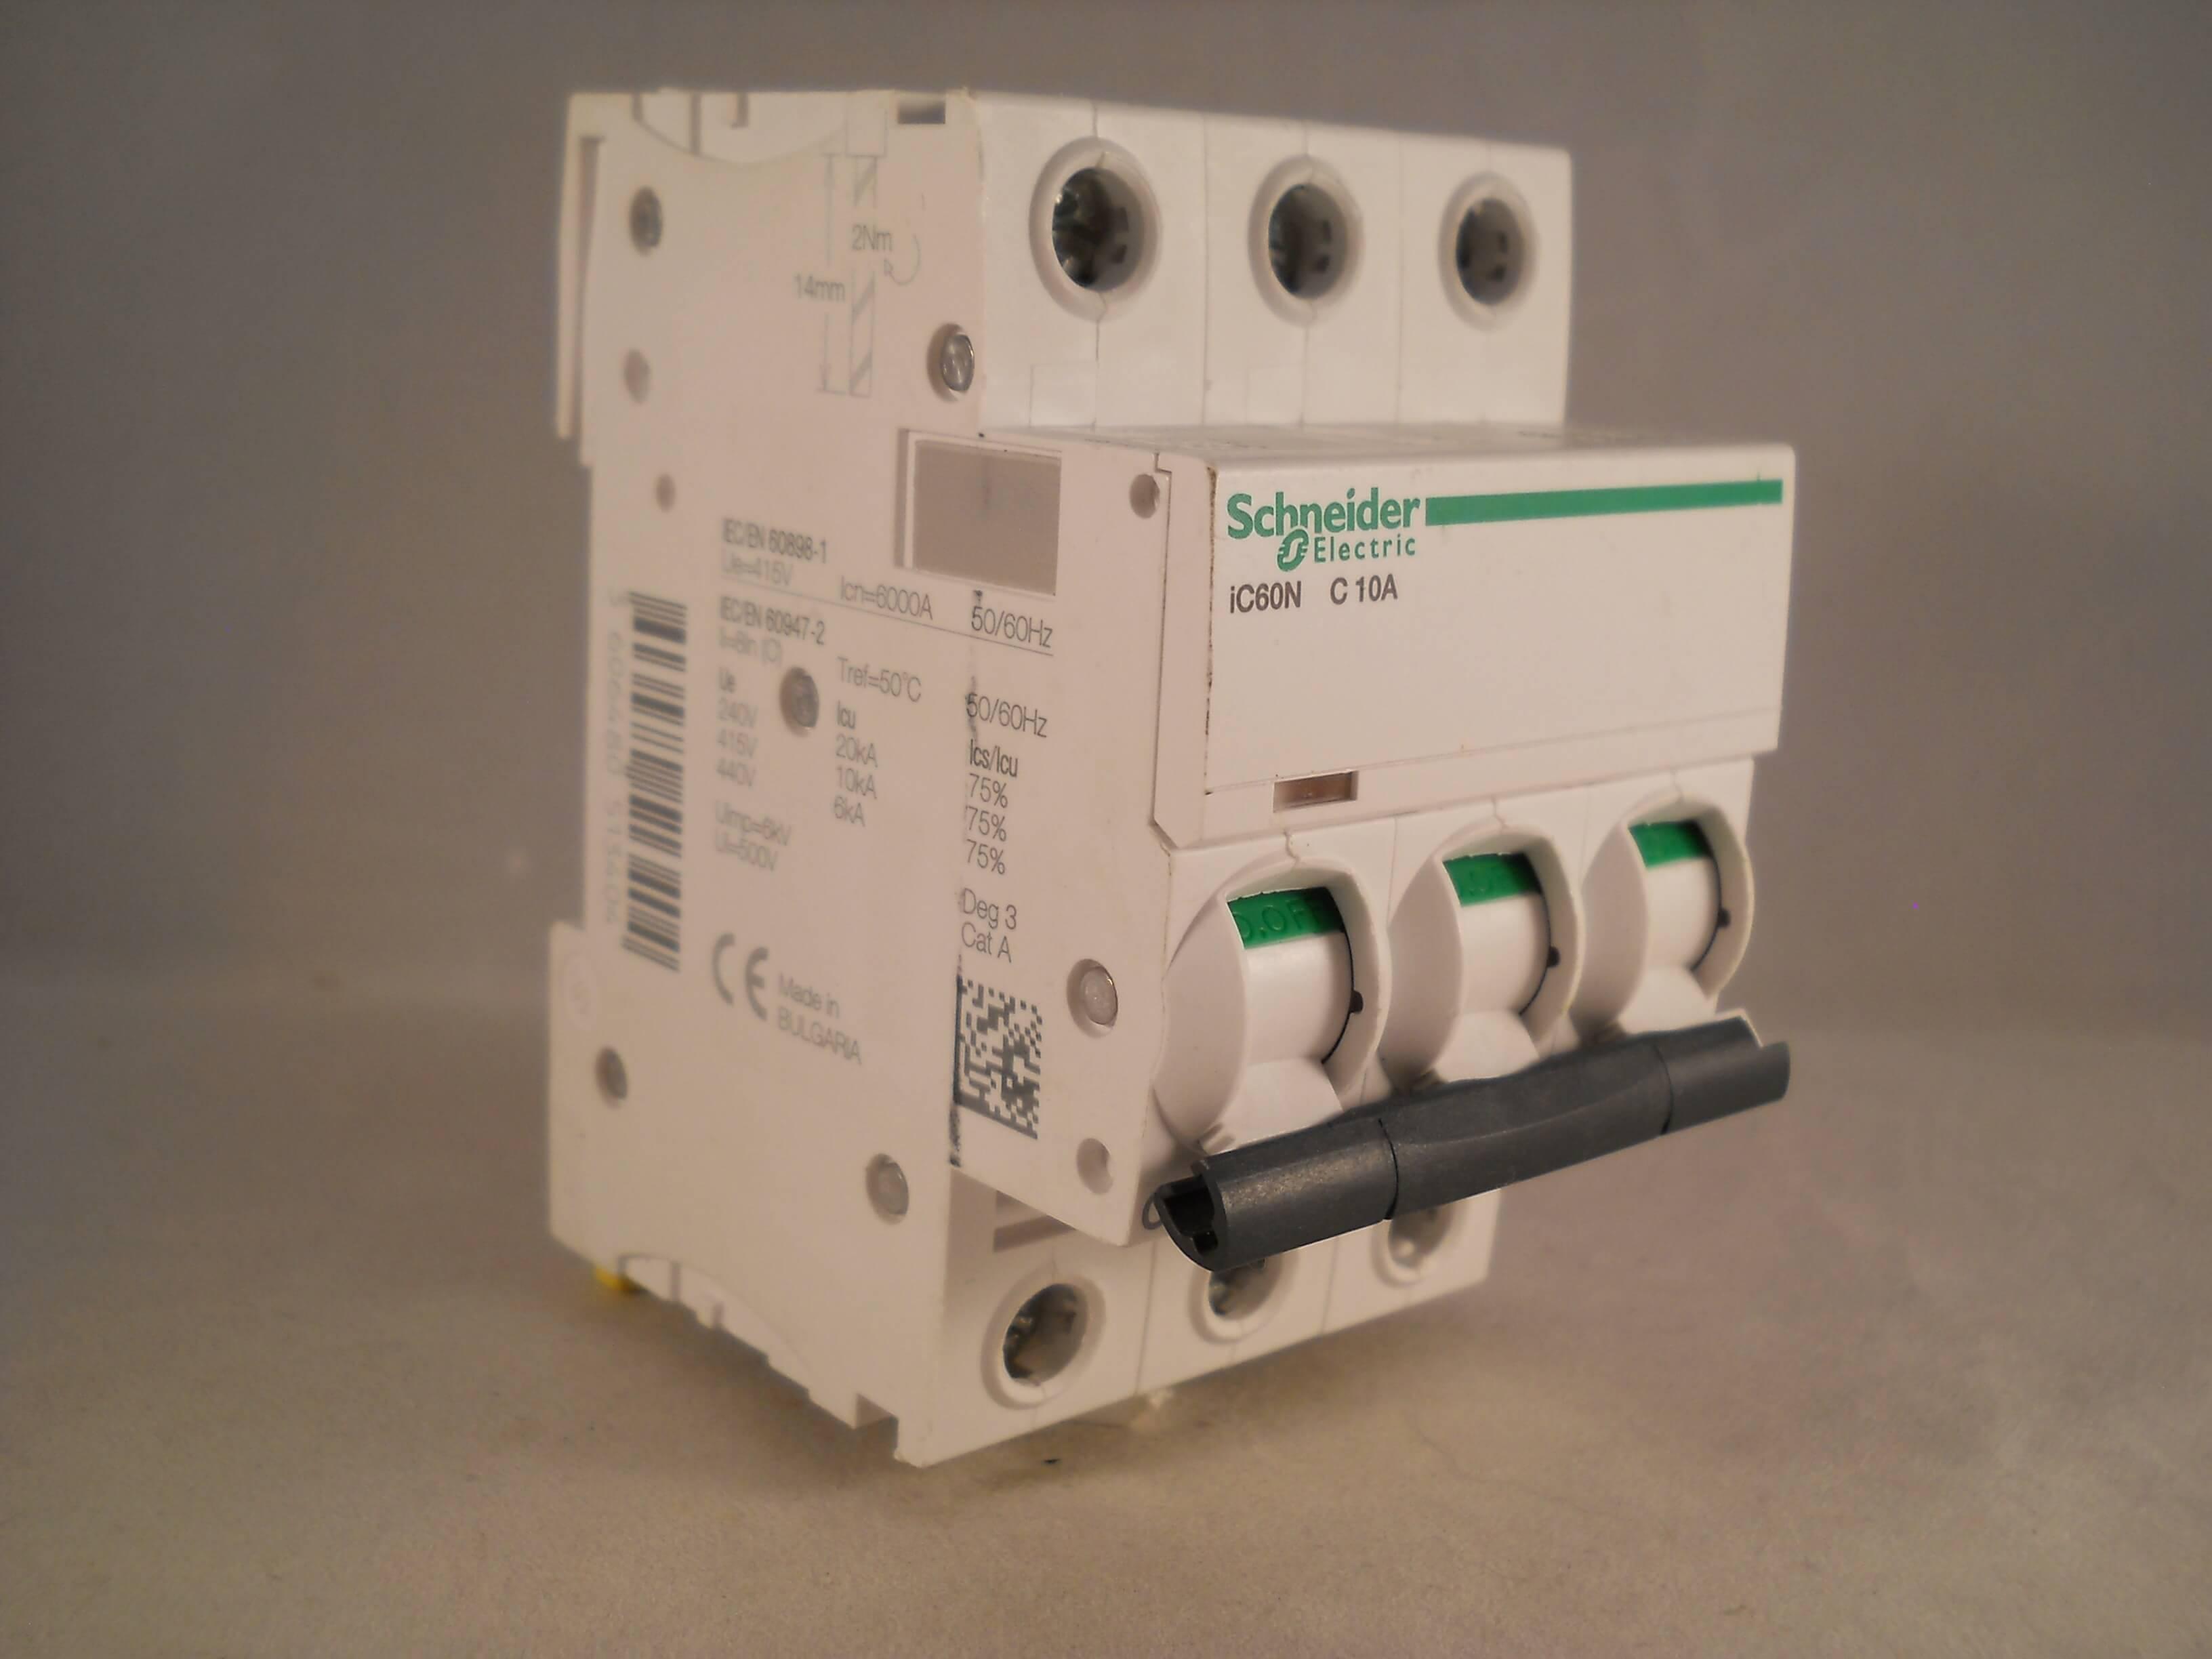 Mcb Schneider 10a Domae Electric Daftar Harga Terkini Dan Rcbo Slim 1p N